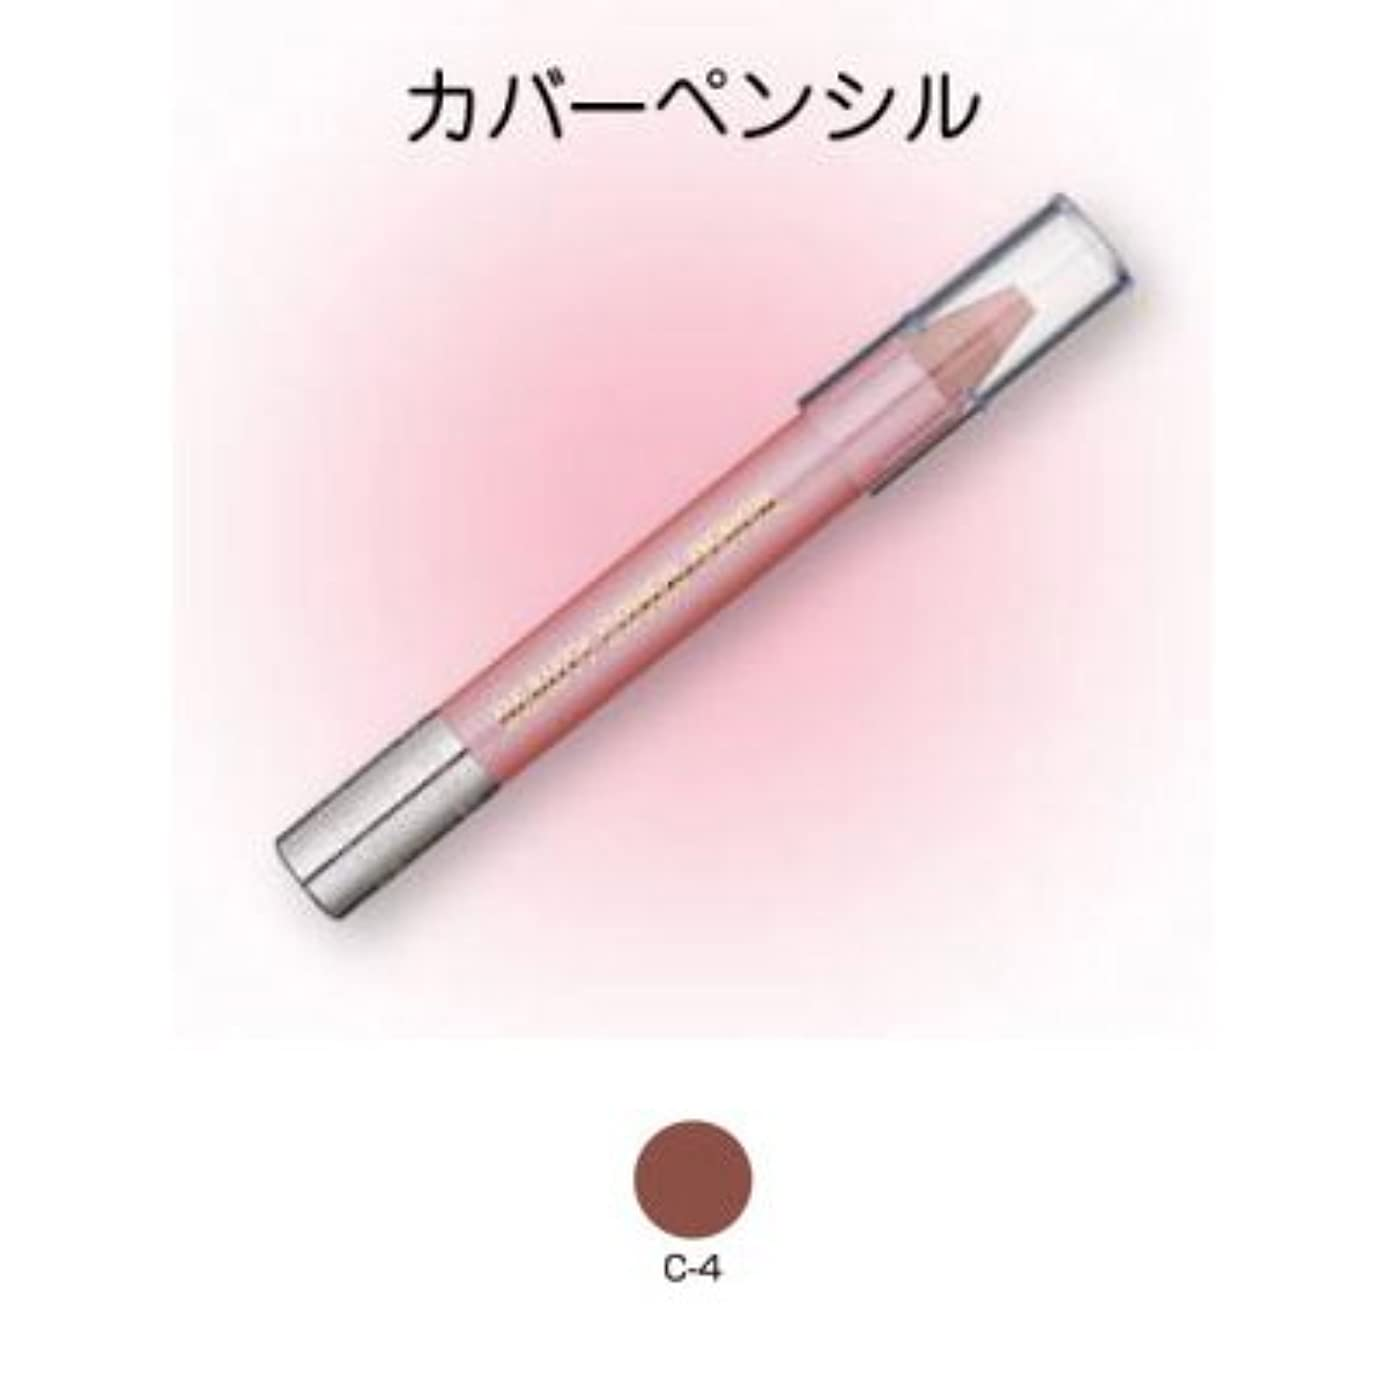 ソーダ水キャッチ呪われたビューティーカバーペンシル C-4【三善】